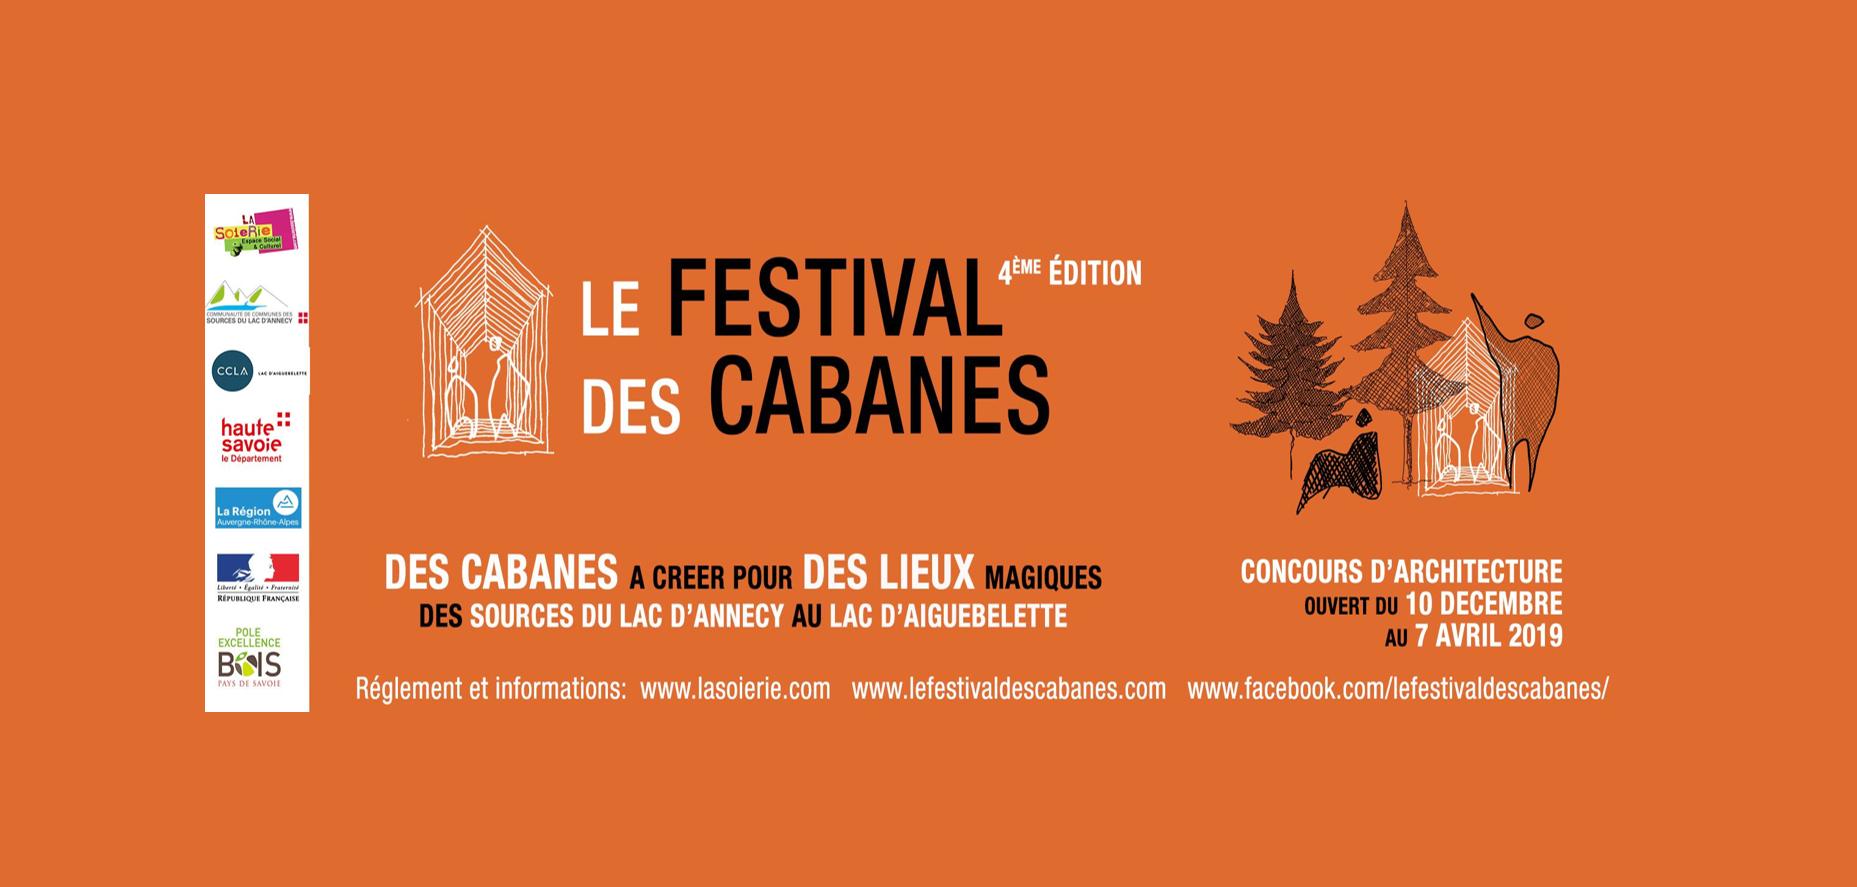 Concours d'architecture : Le Festival des Cabanes